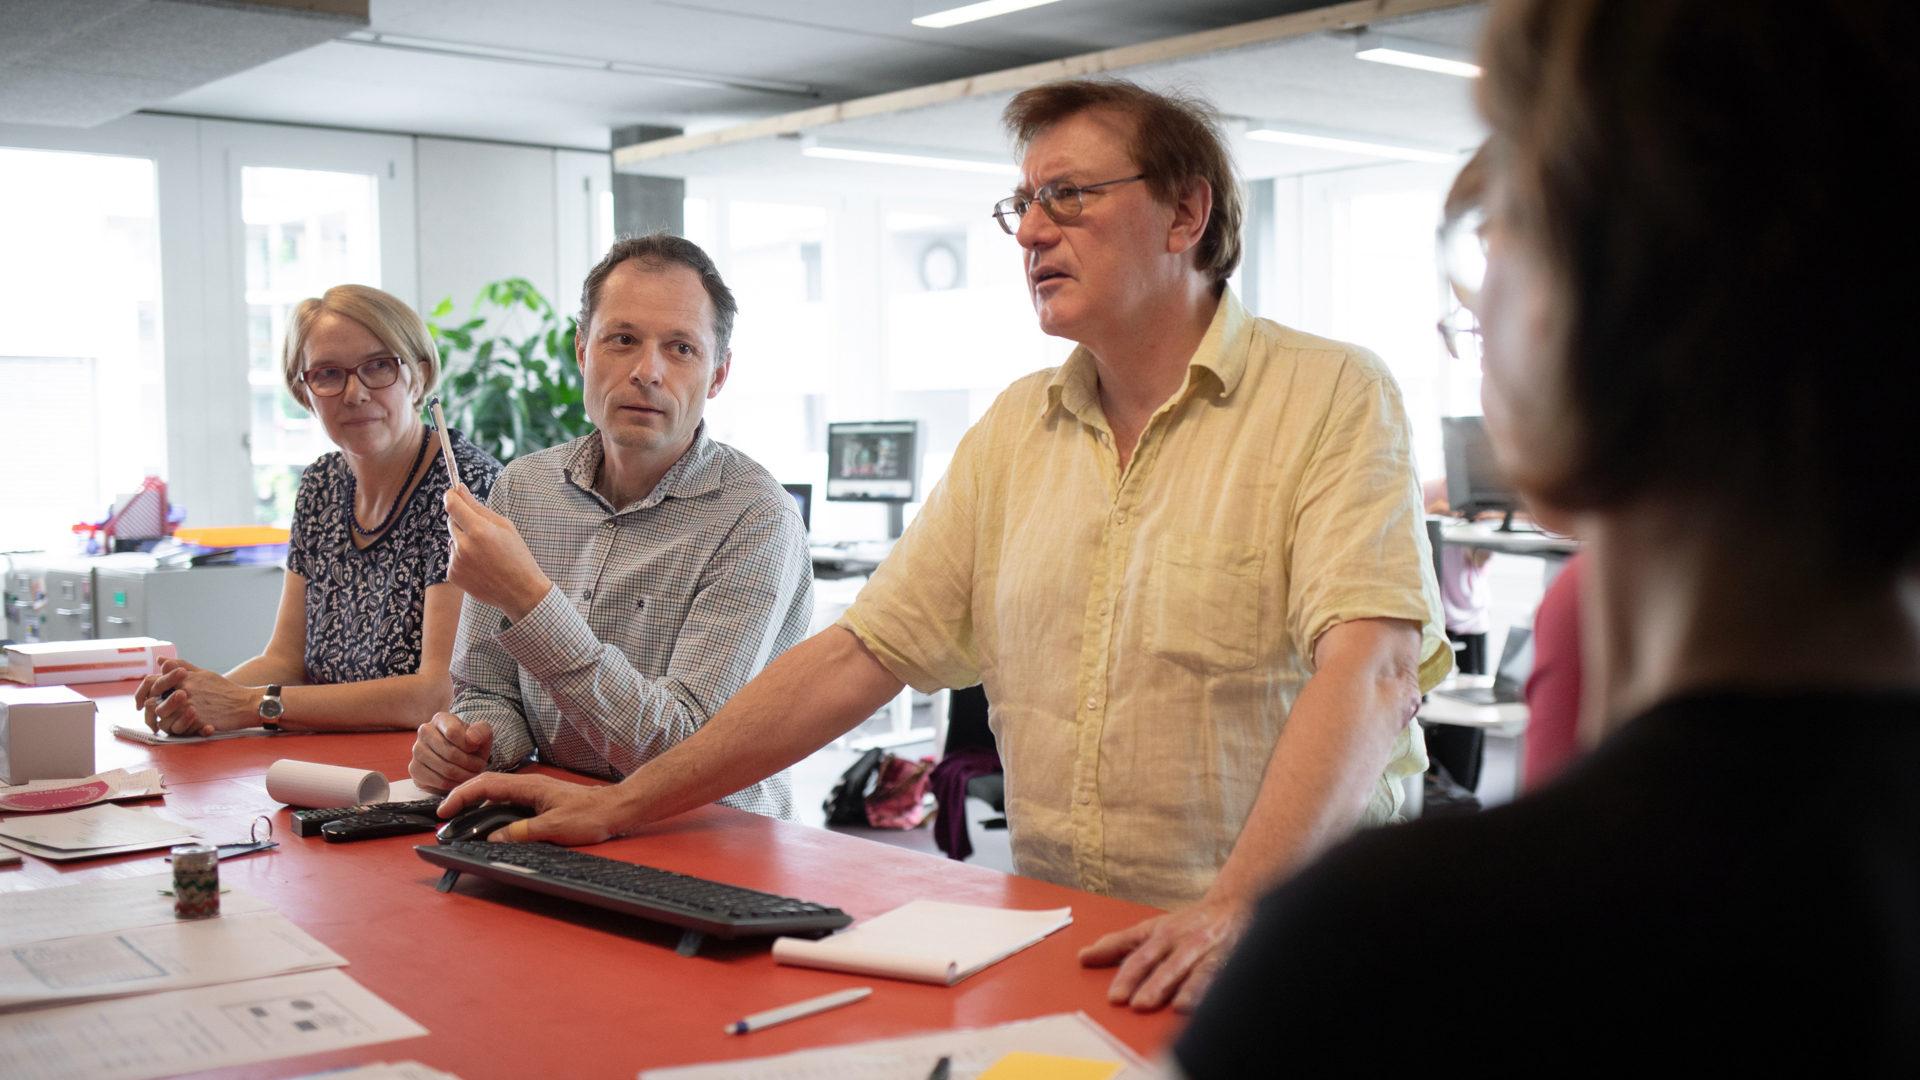 Redaktion kath.ch an der Teamsitzung | © Christoph Wider